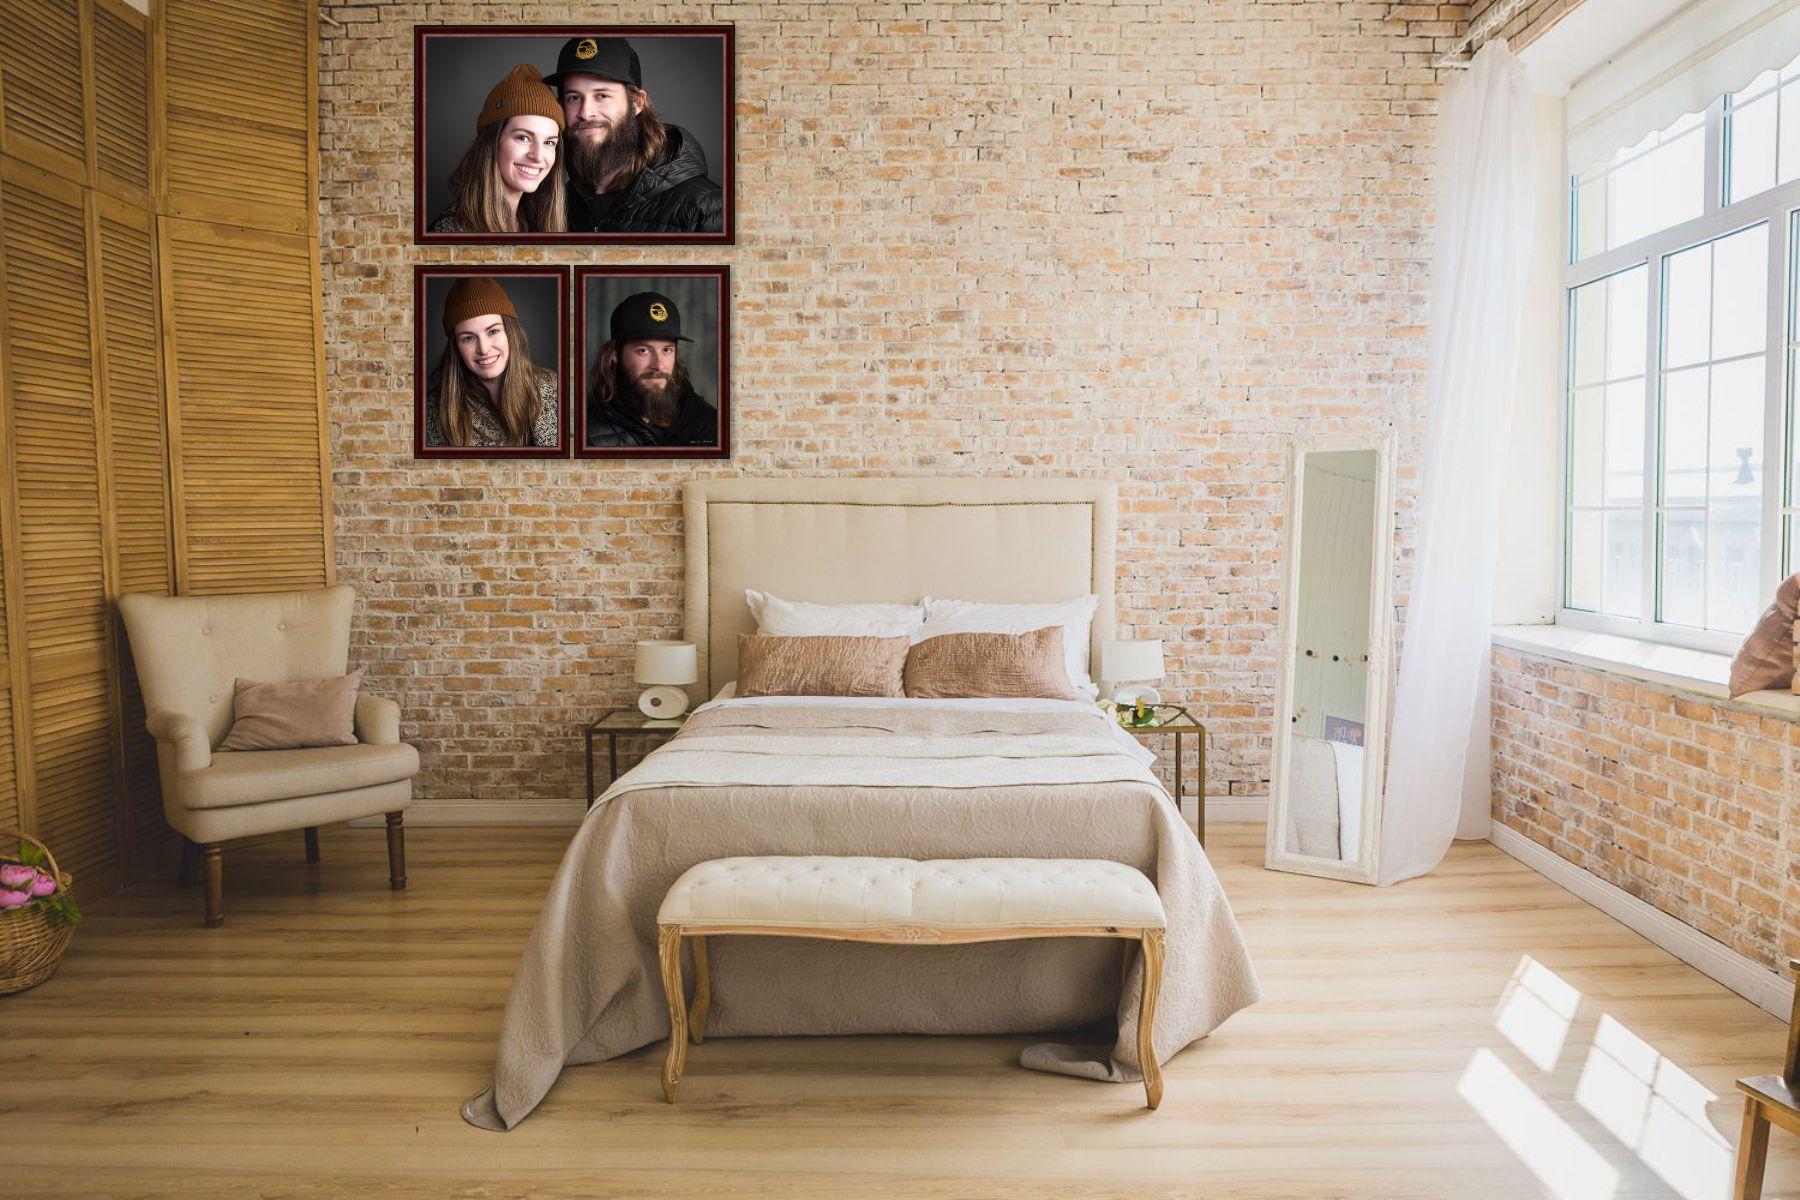 02-Rustic_bedroom-444654223.jpg